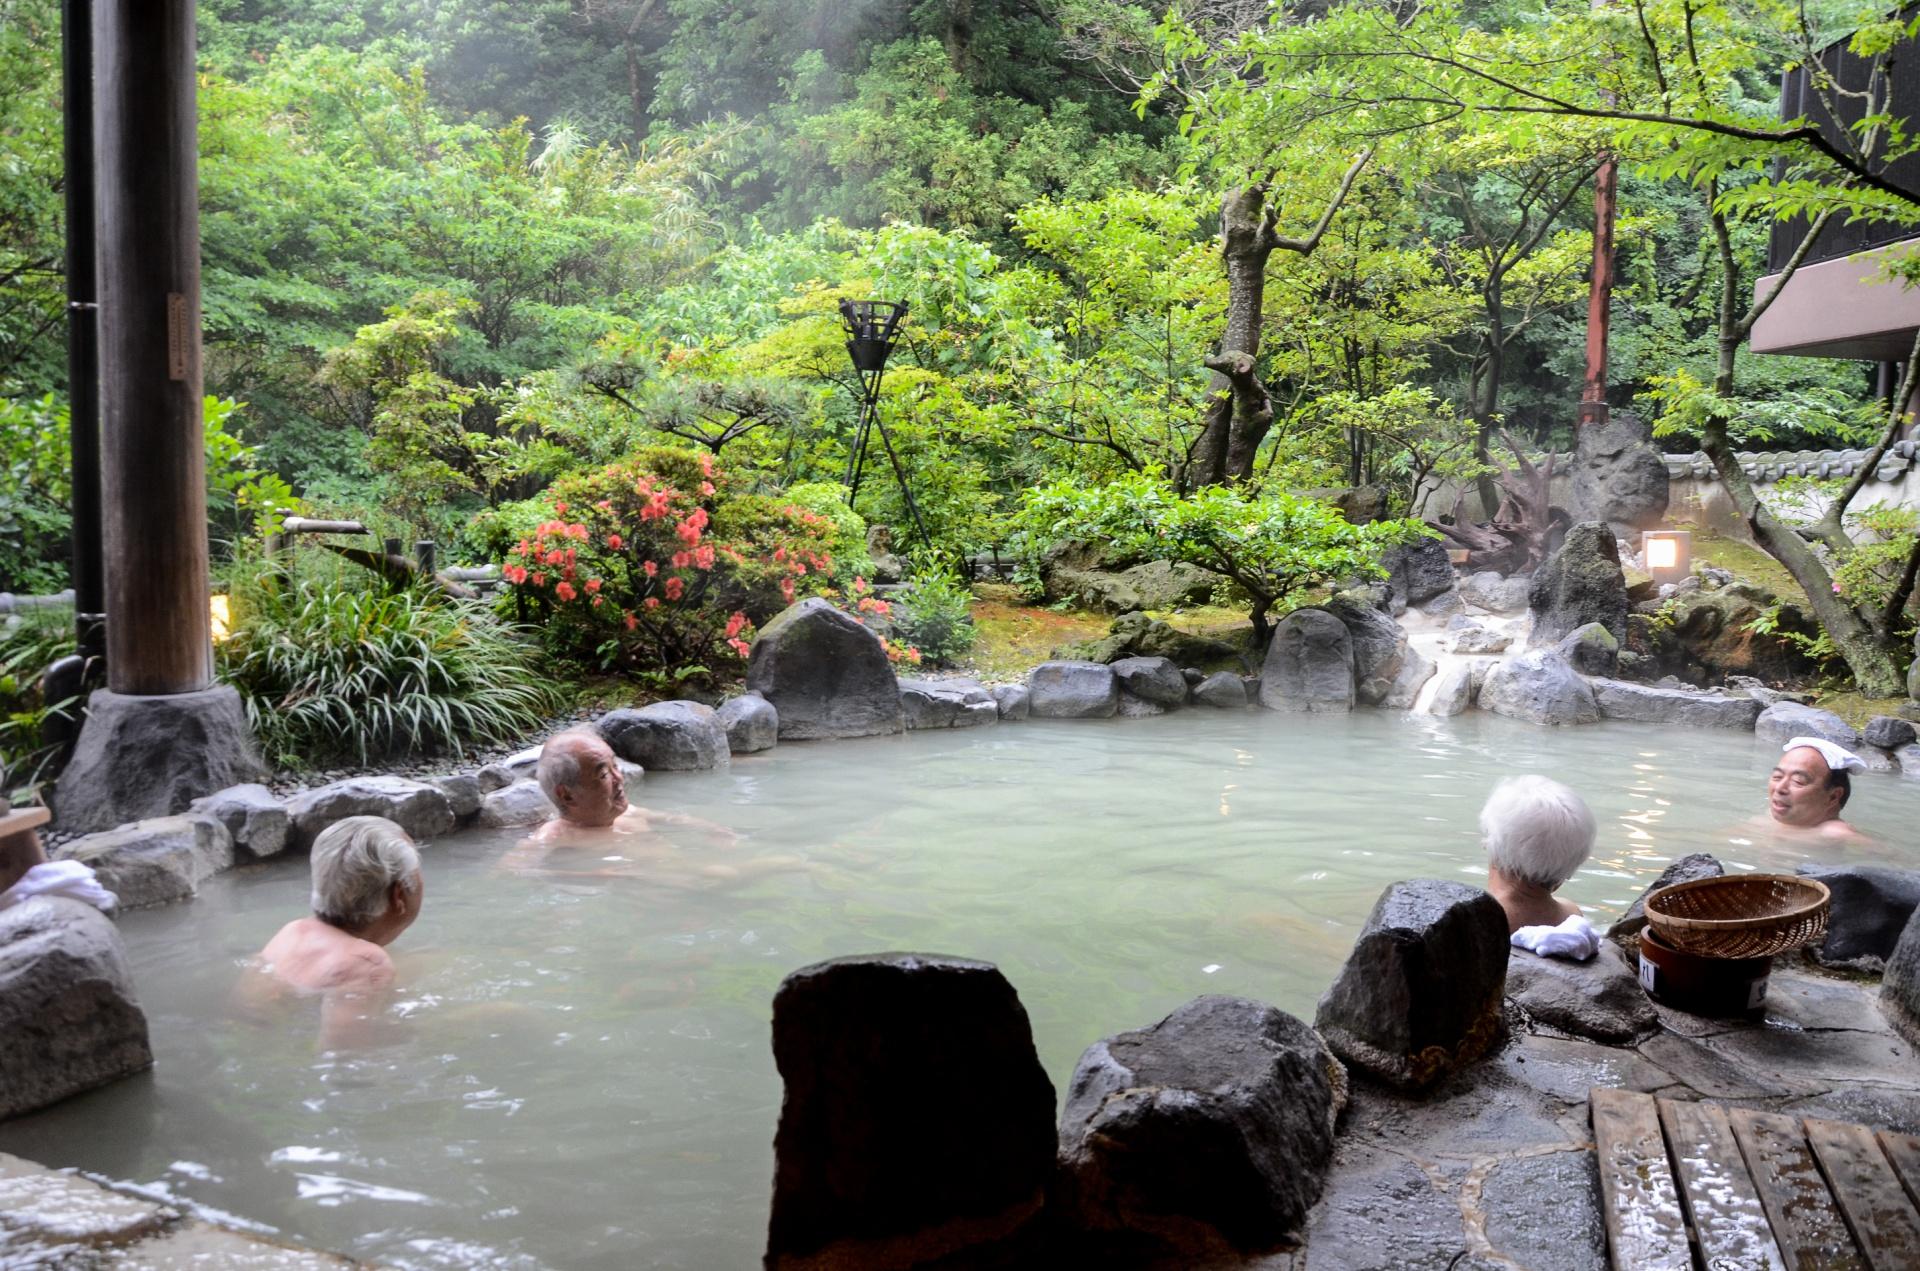 Onsen traditionnel dans le plus simple appareil, Kyushu - Japon